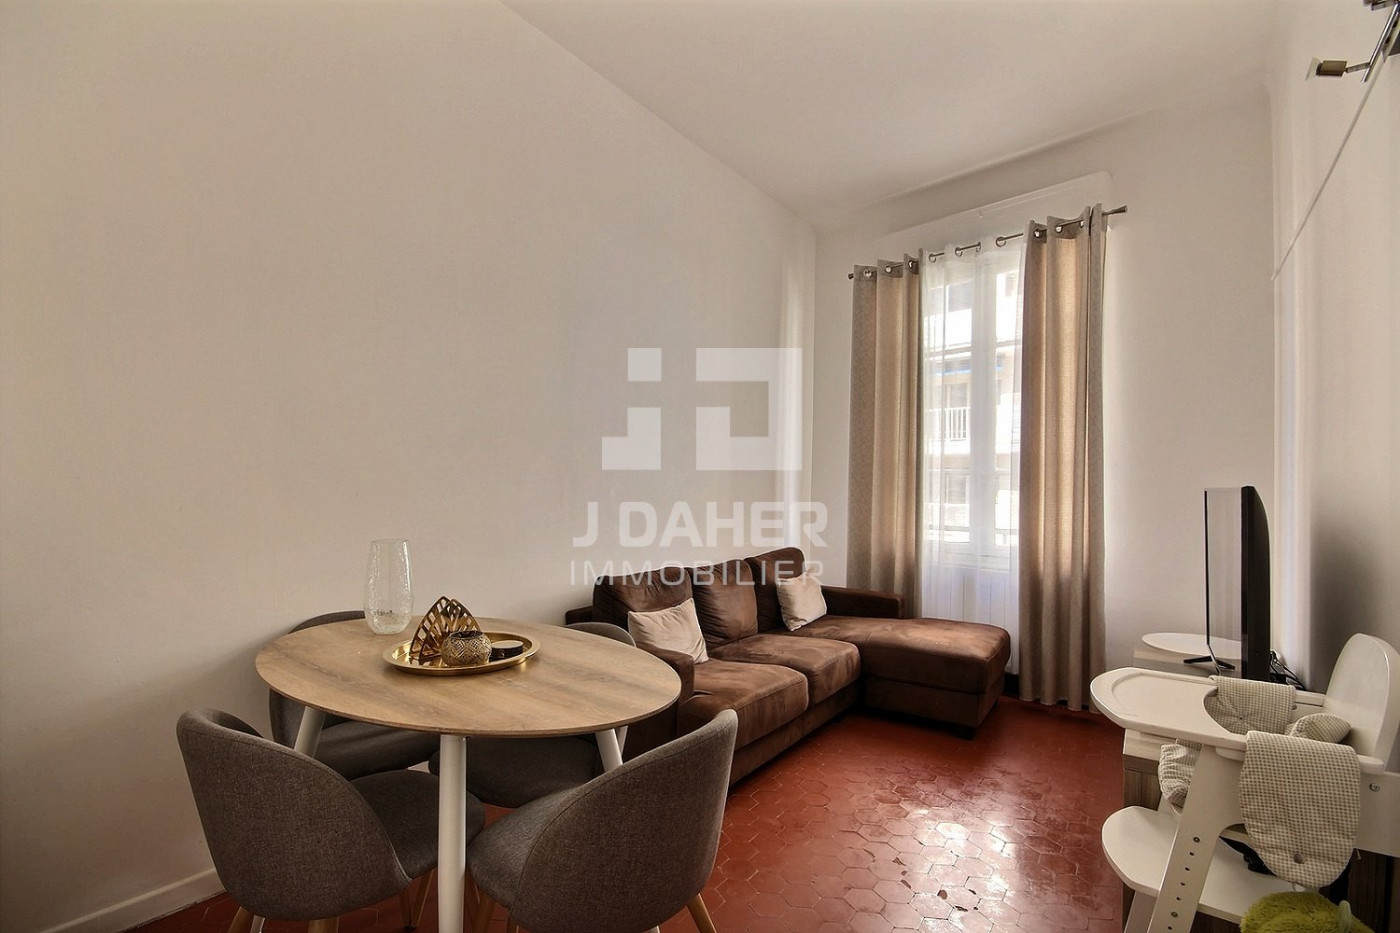 A vendre  Marseille 5eme Arrondissement | Réf 13025977 - J daher immobilier